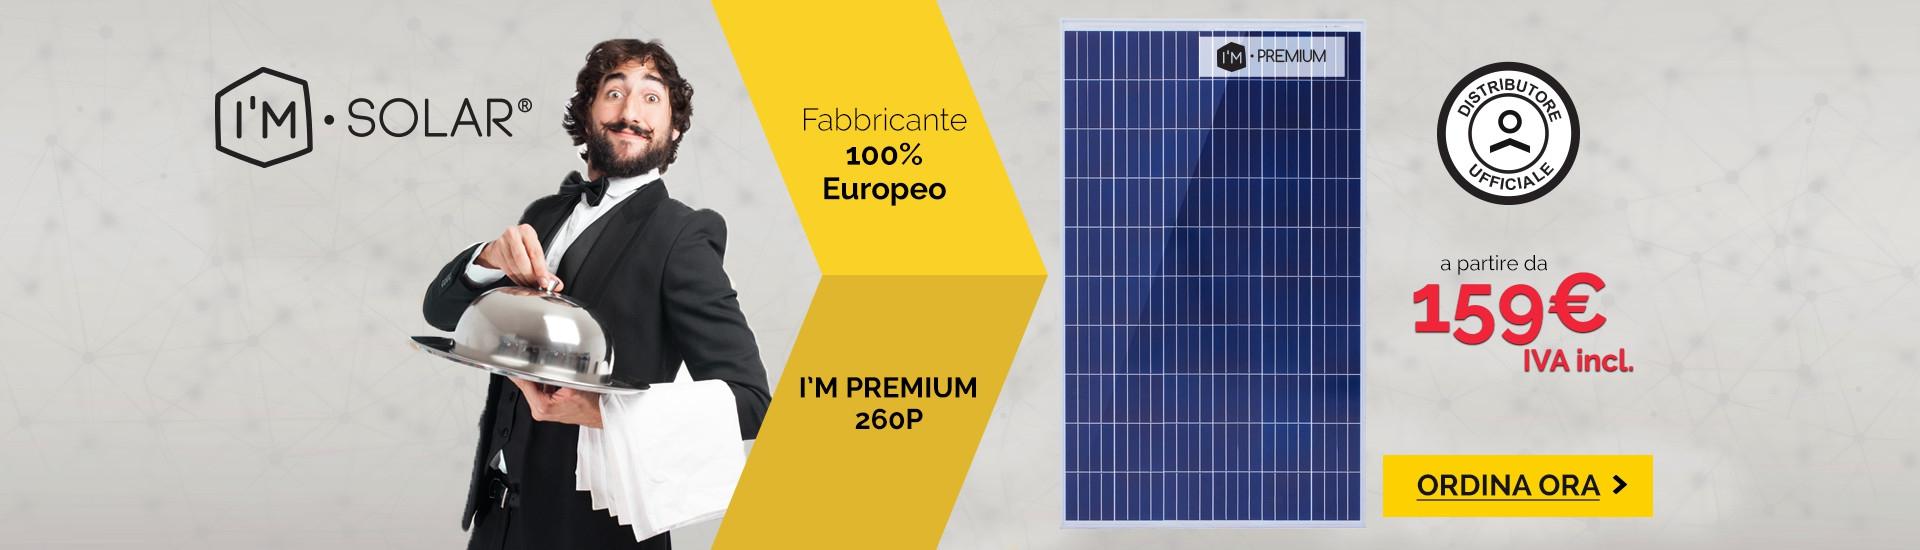 Pannelli solari I'M PREMIUM by I'M SOLAR®